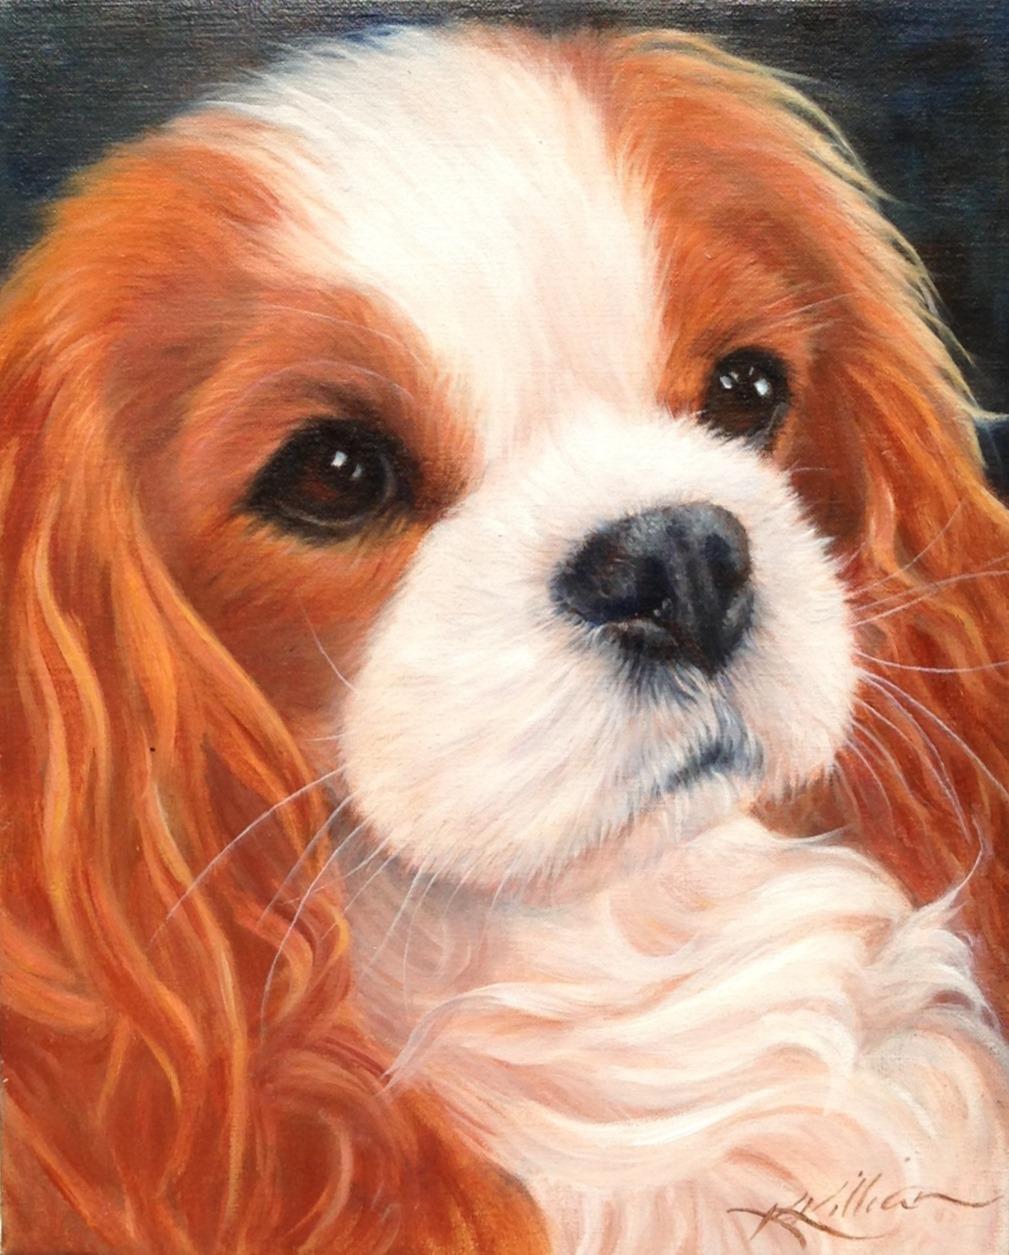 Dog & Horse Fine Art, Karen Killian, Cavalier, Blenheim.JPG